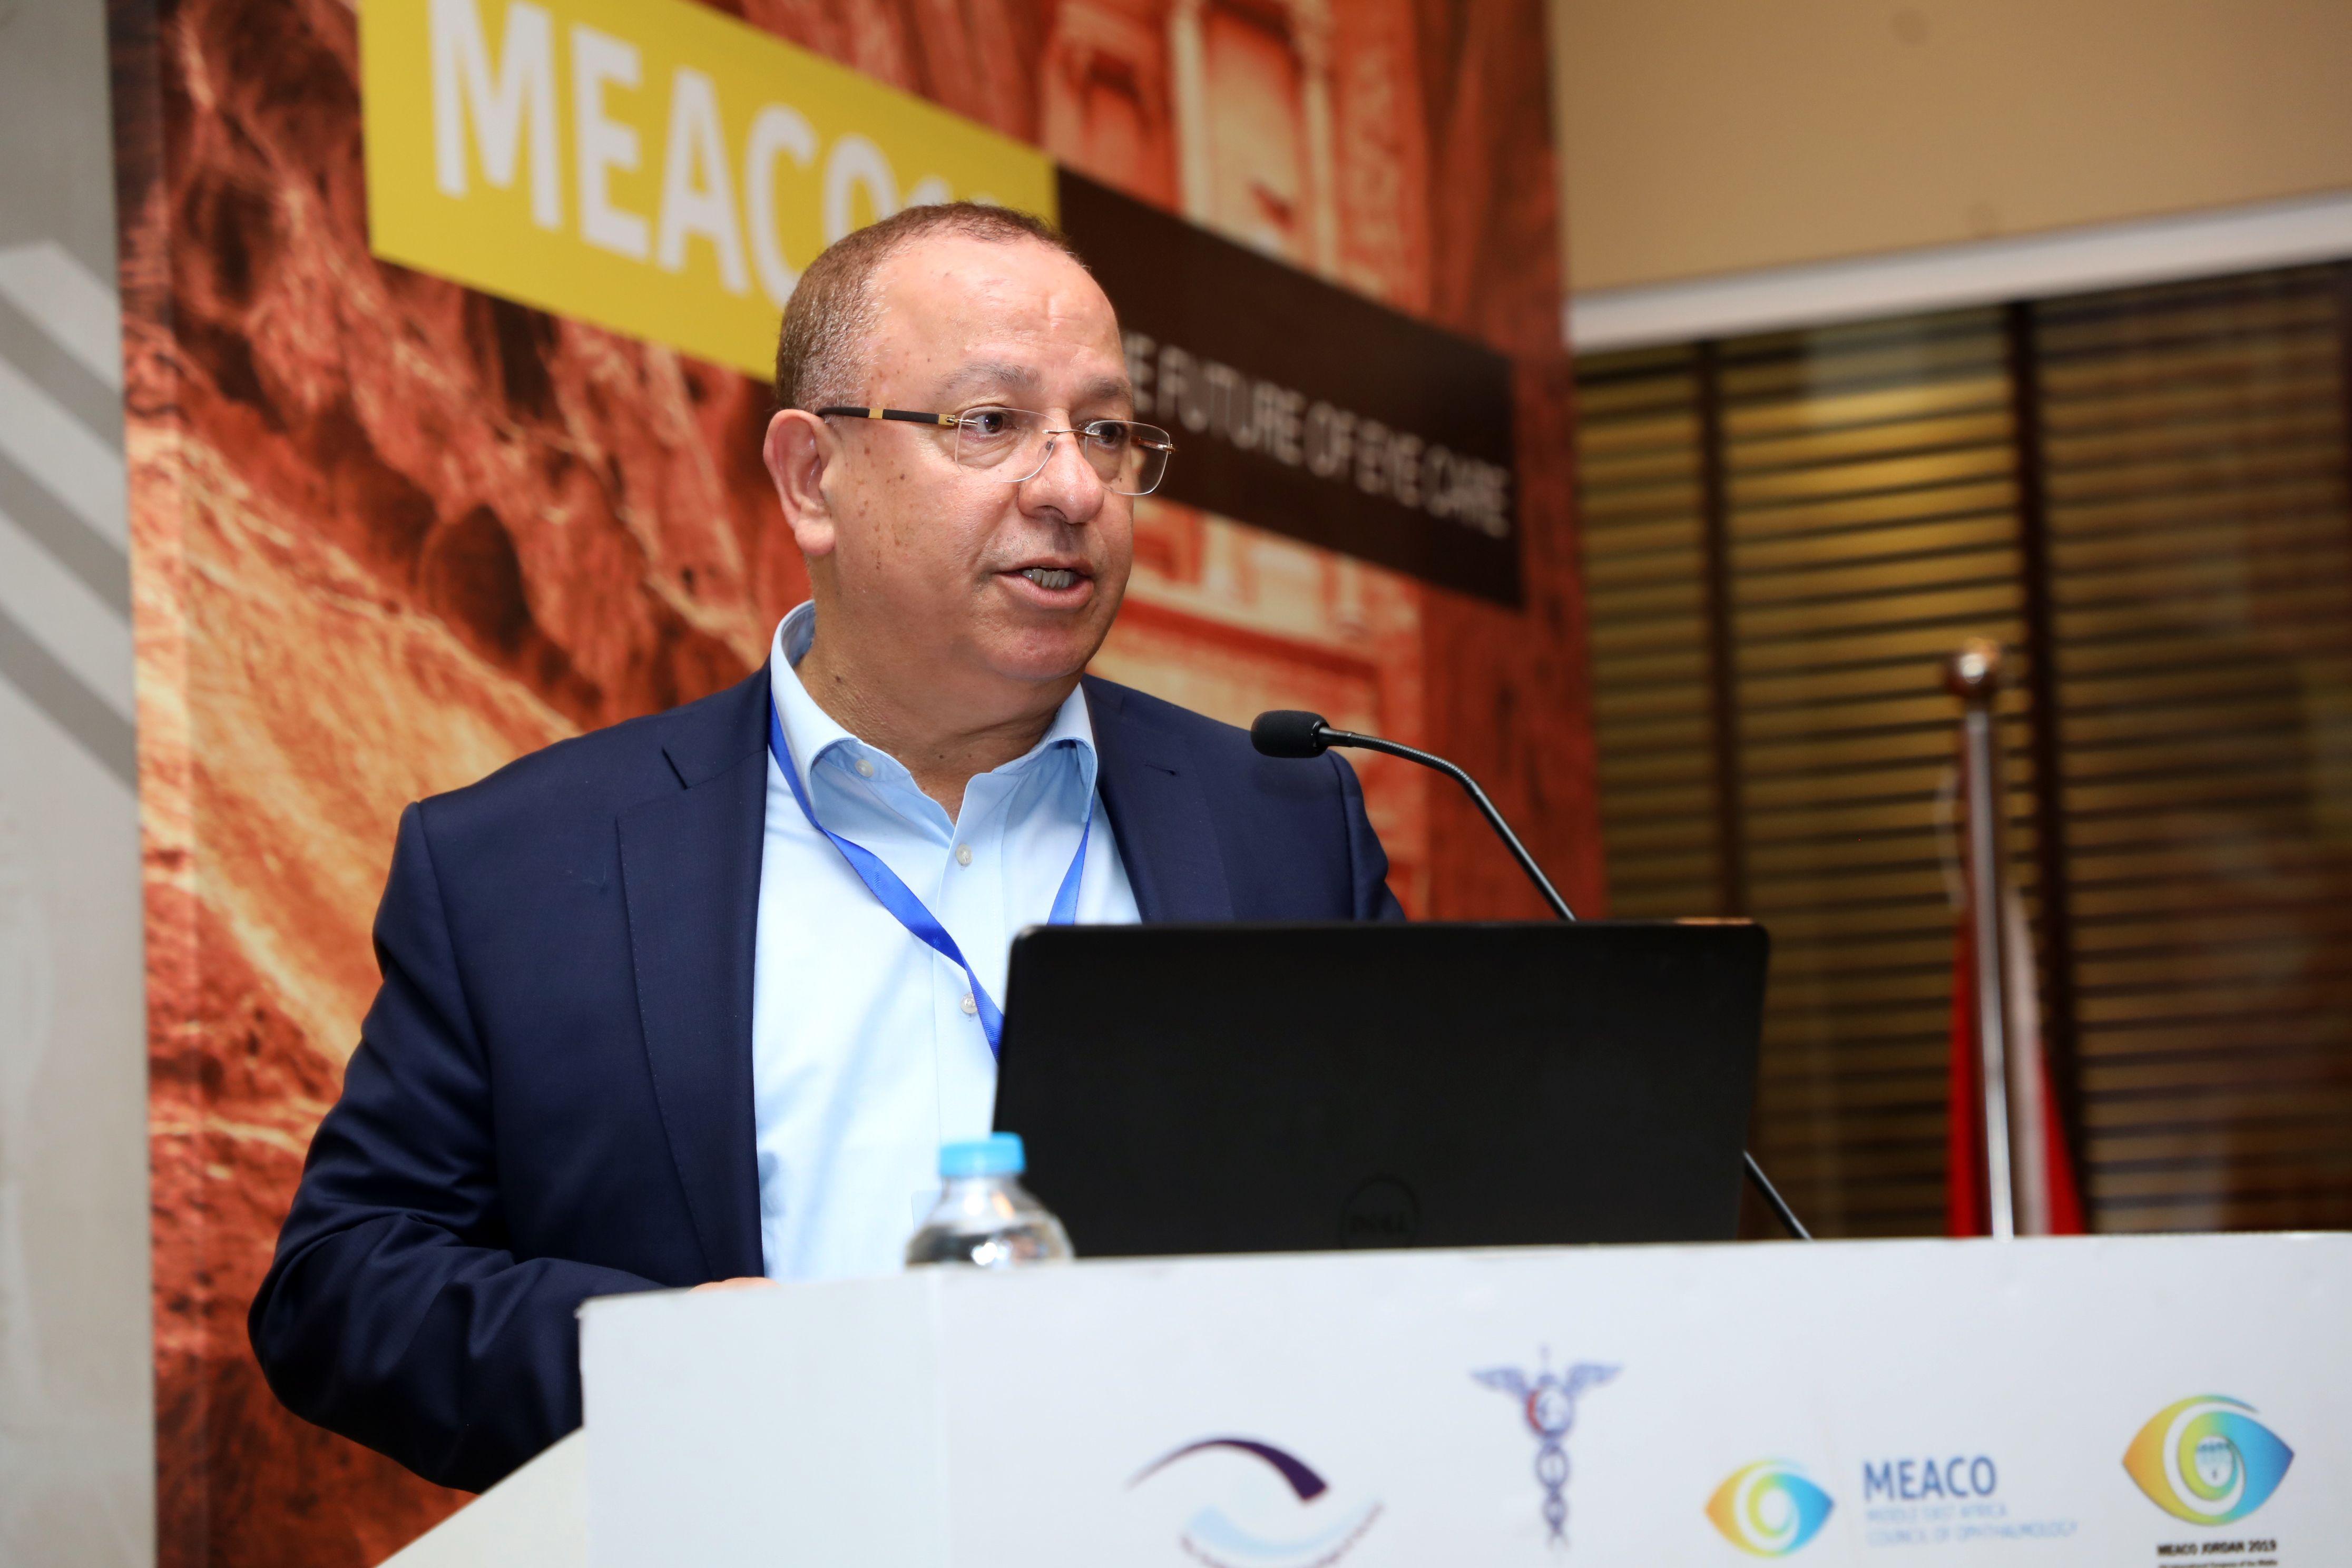 الدكتور ابراهيم  النوايسة  استشاري  طب  العيون  و  اعتلال  الشبكية